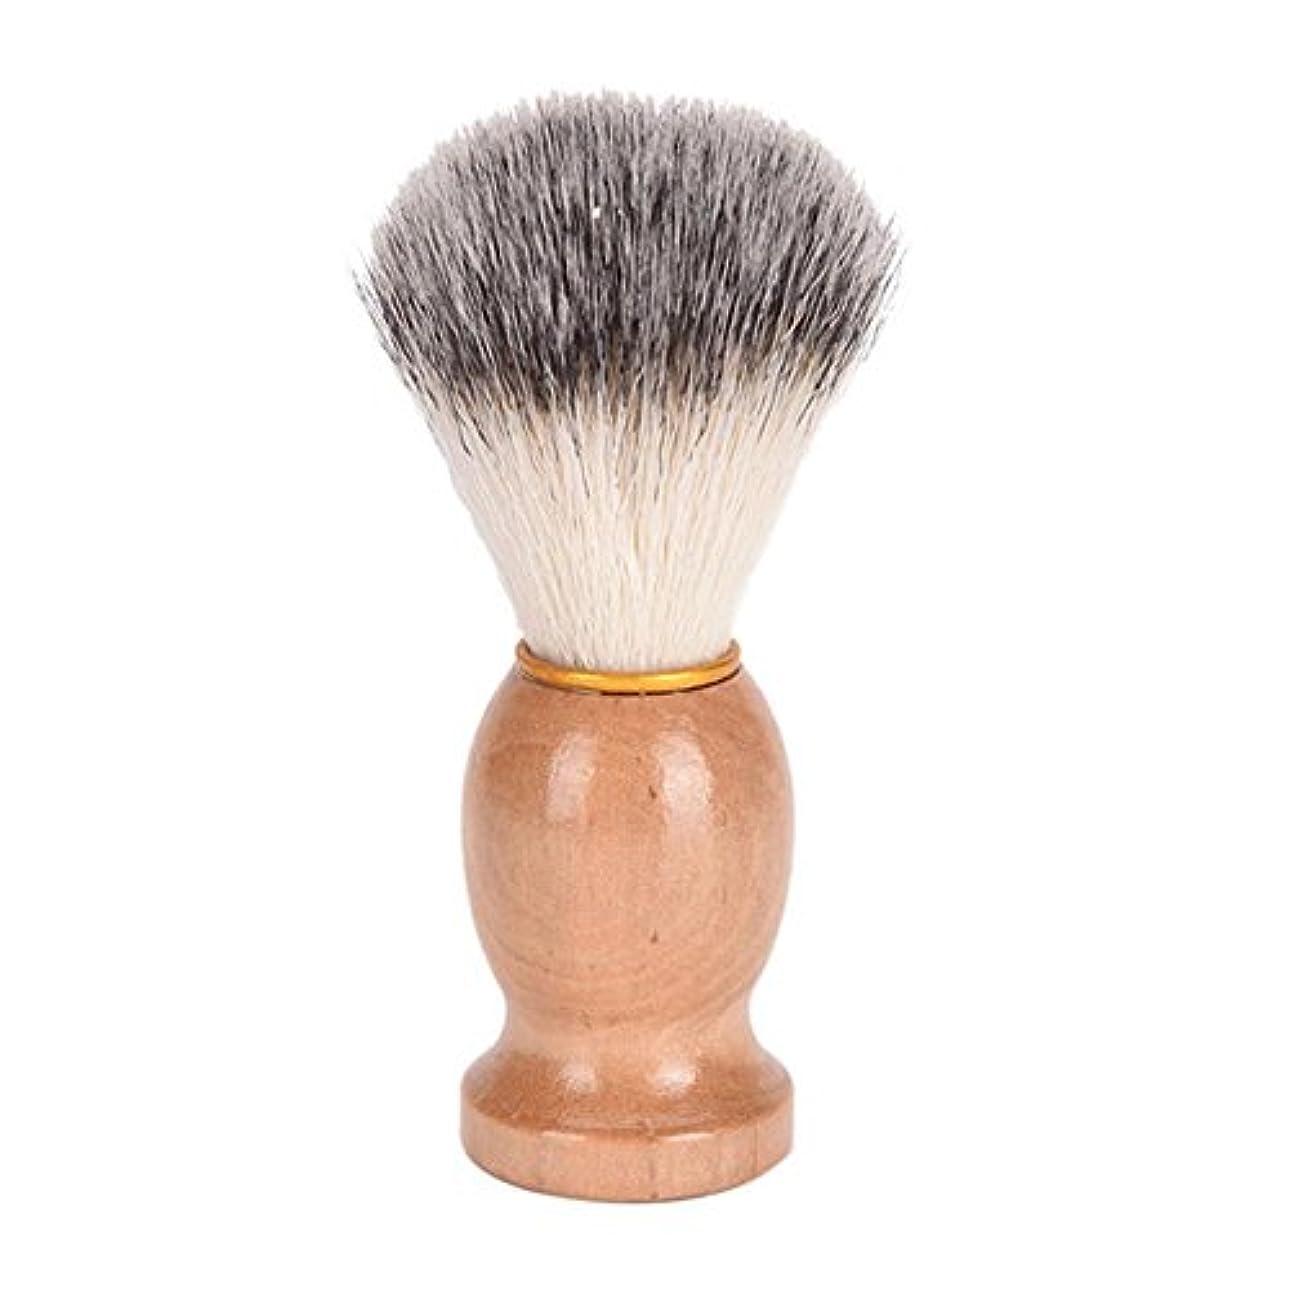 キネマティクス人気の堂々たるひげブラシ 髭ブラシ シェービング用アクセサリー メンズ用 髭剃り ブラシ シェービングブラシ 木製ハンドル 男性 ギフト理容 洗顔 髭剃り